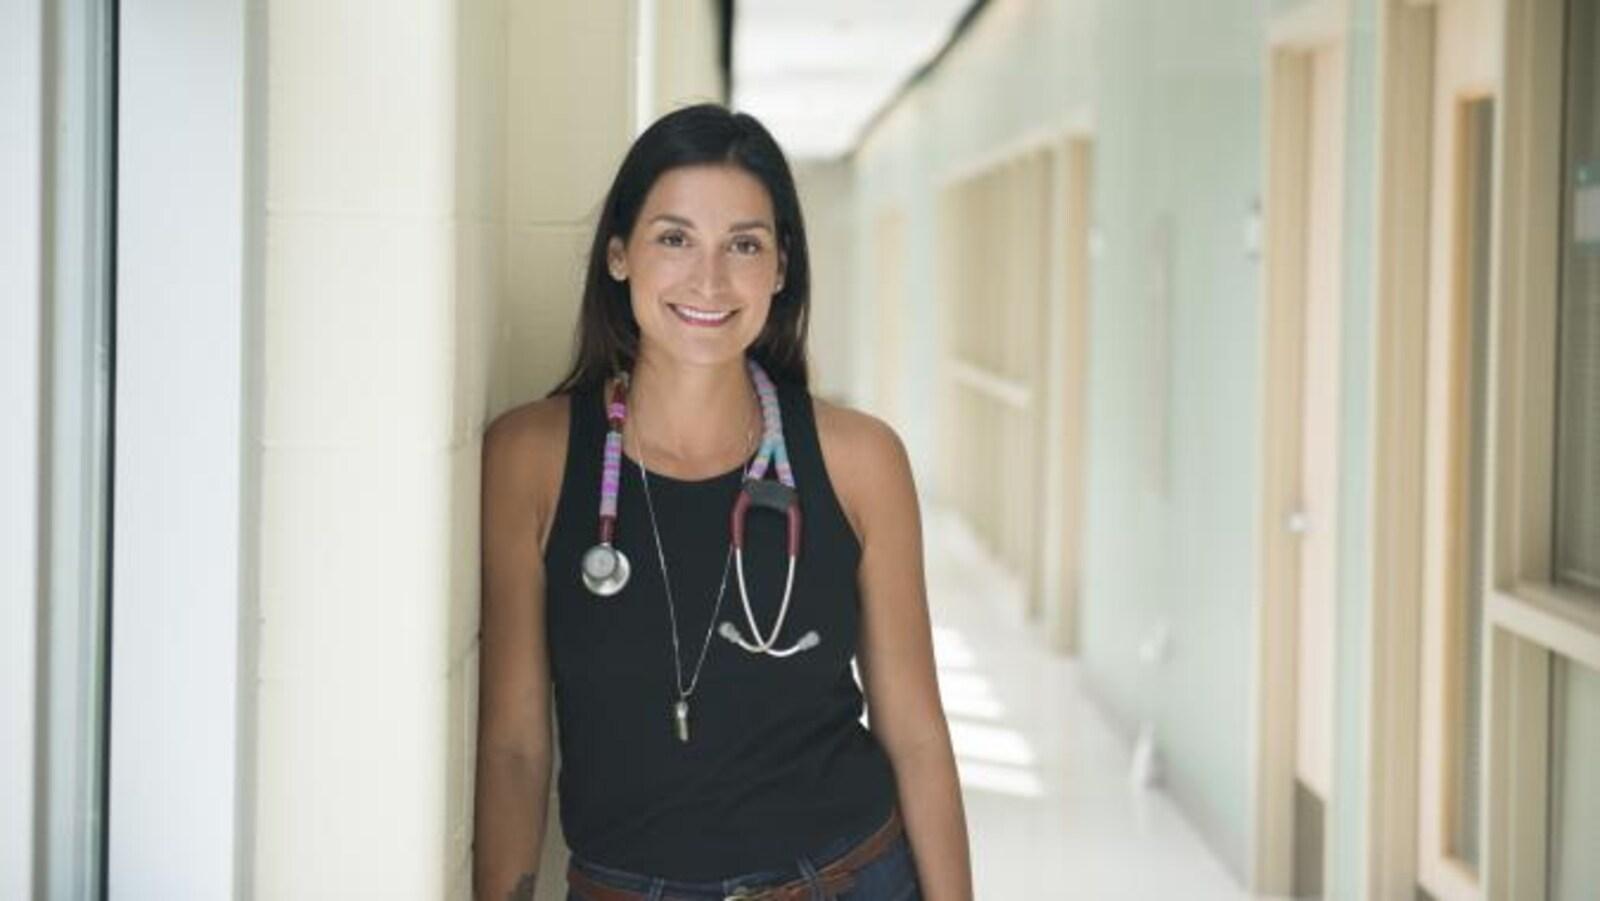 Portrait d'une femme dans un corridot. Elle porte un stéthoscope autour du cou.